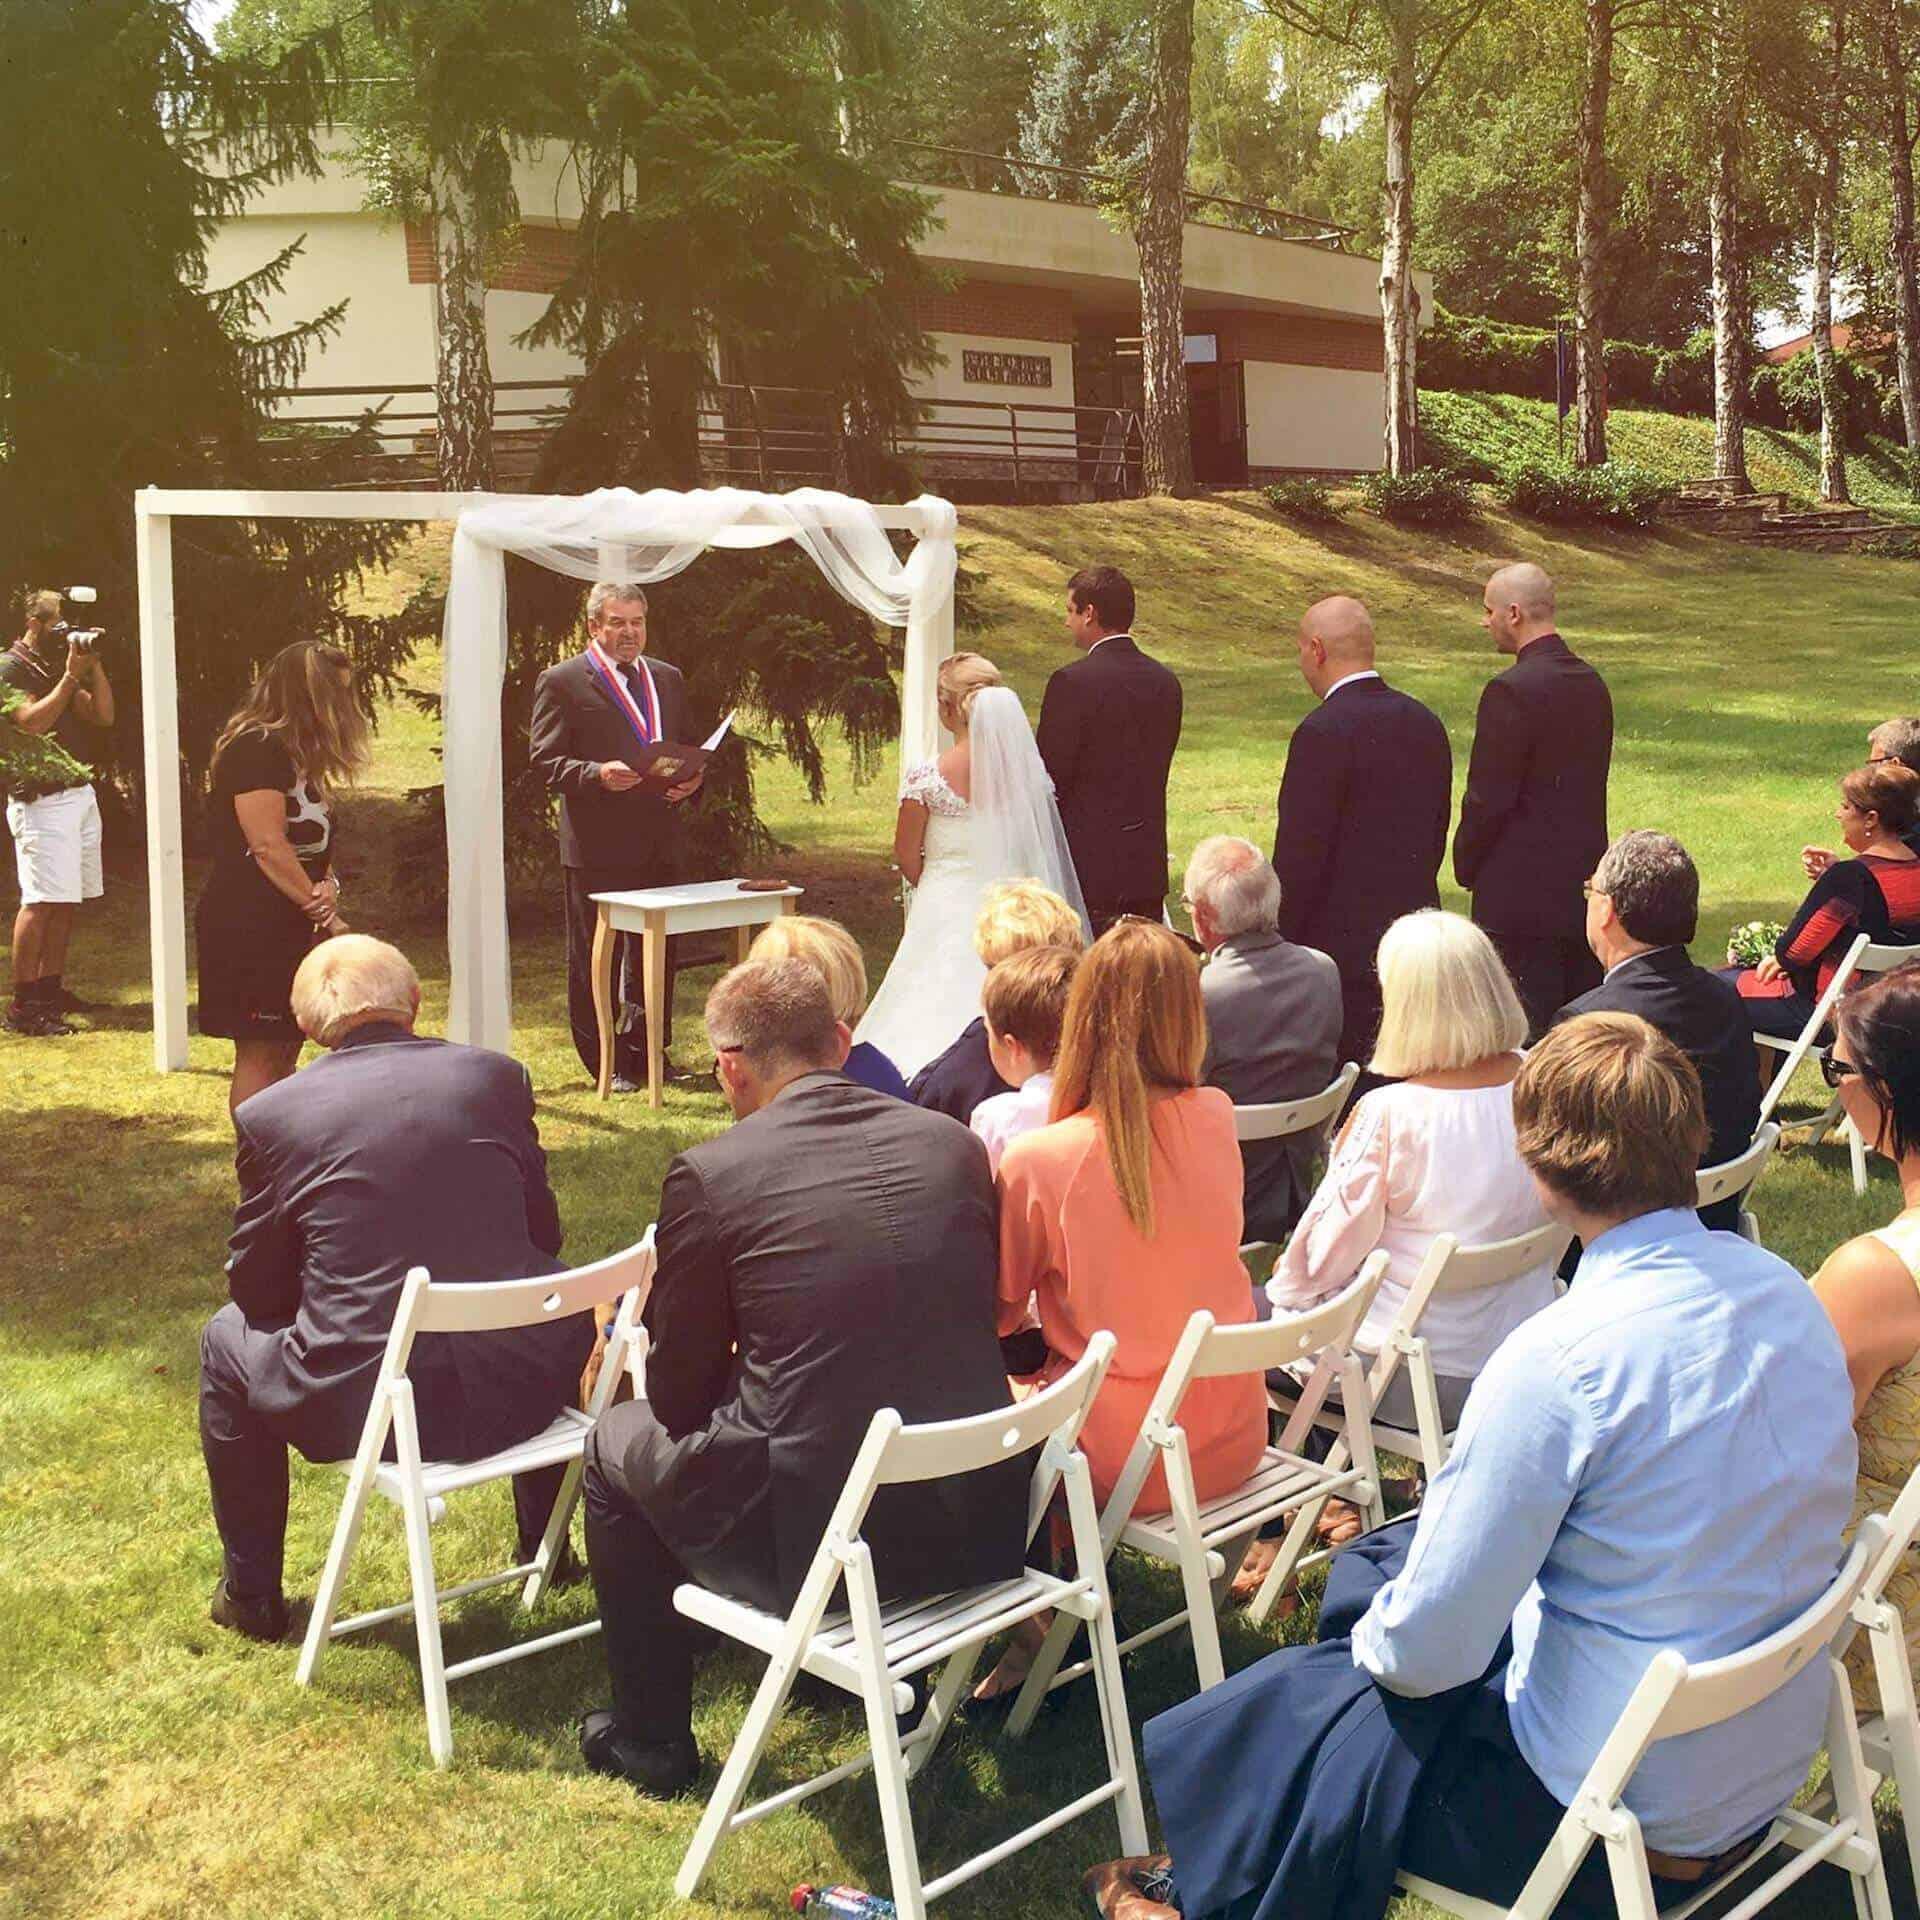 Svatba po širákem - svatební obřad